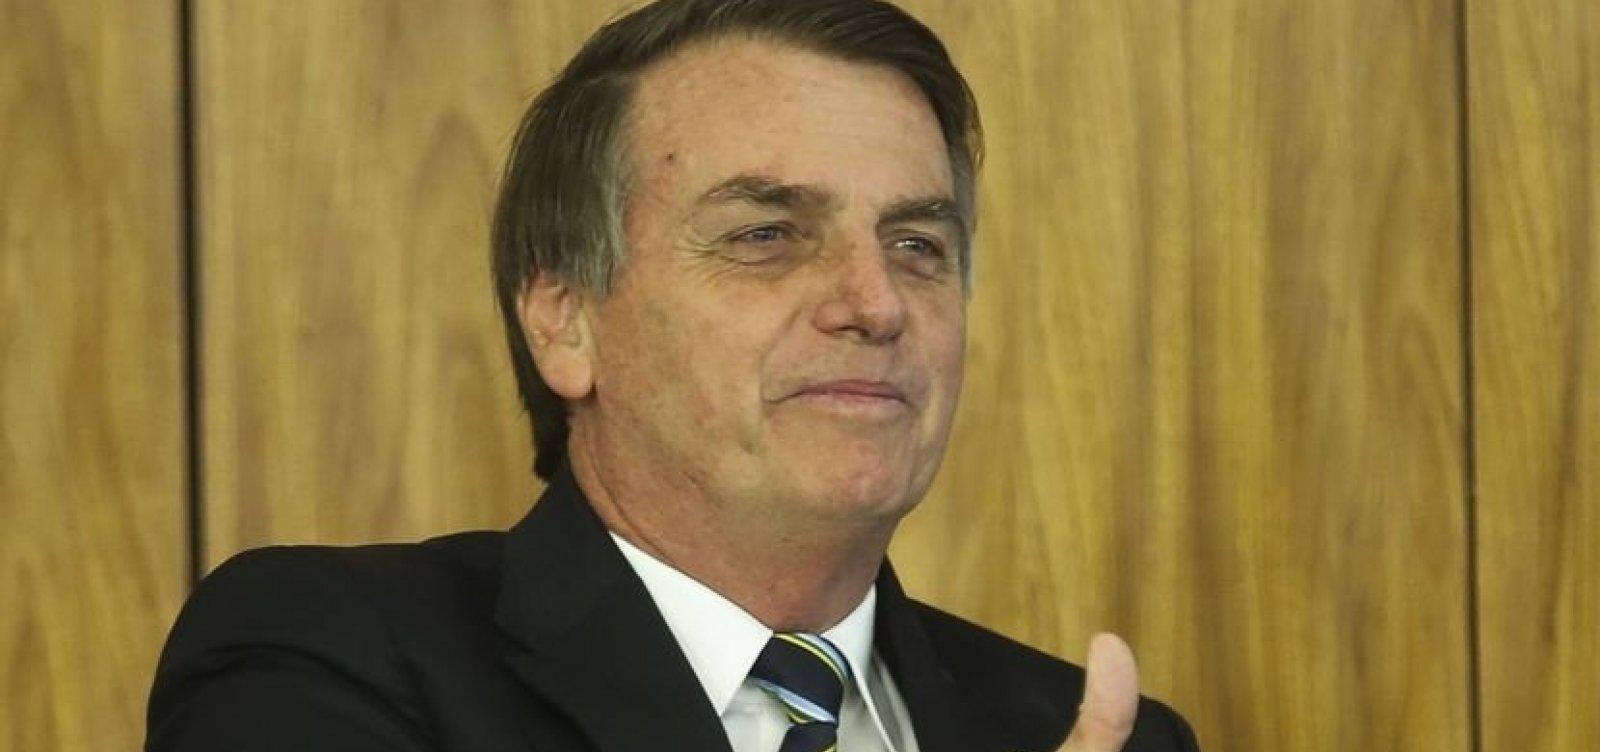 ['O Parlamento é meu e a Presidência é de vocês', diz Bolsonaro a deputados]